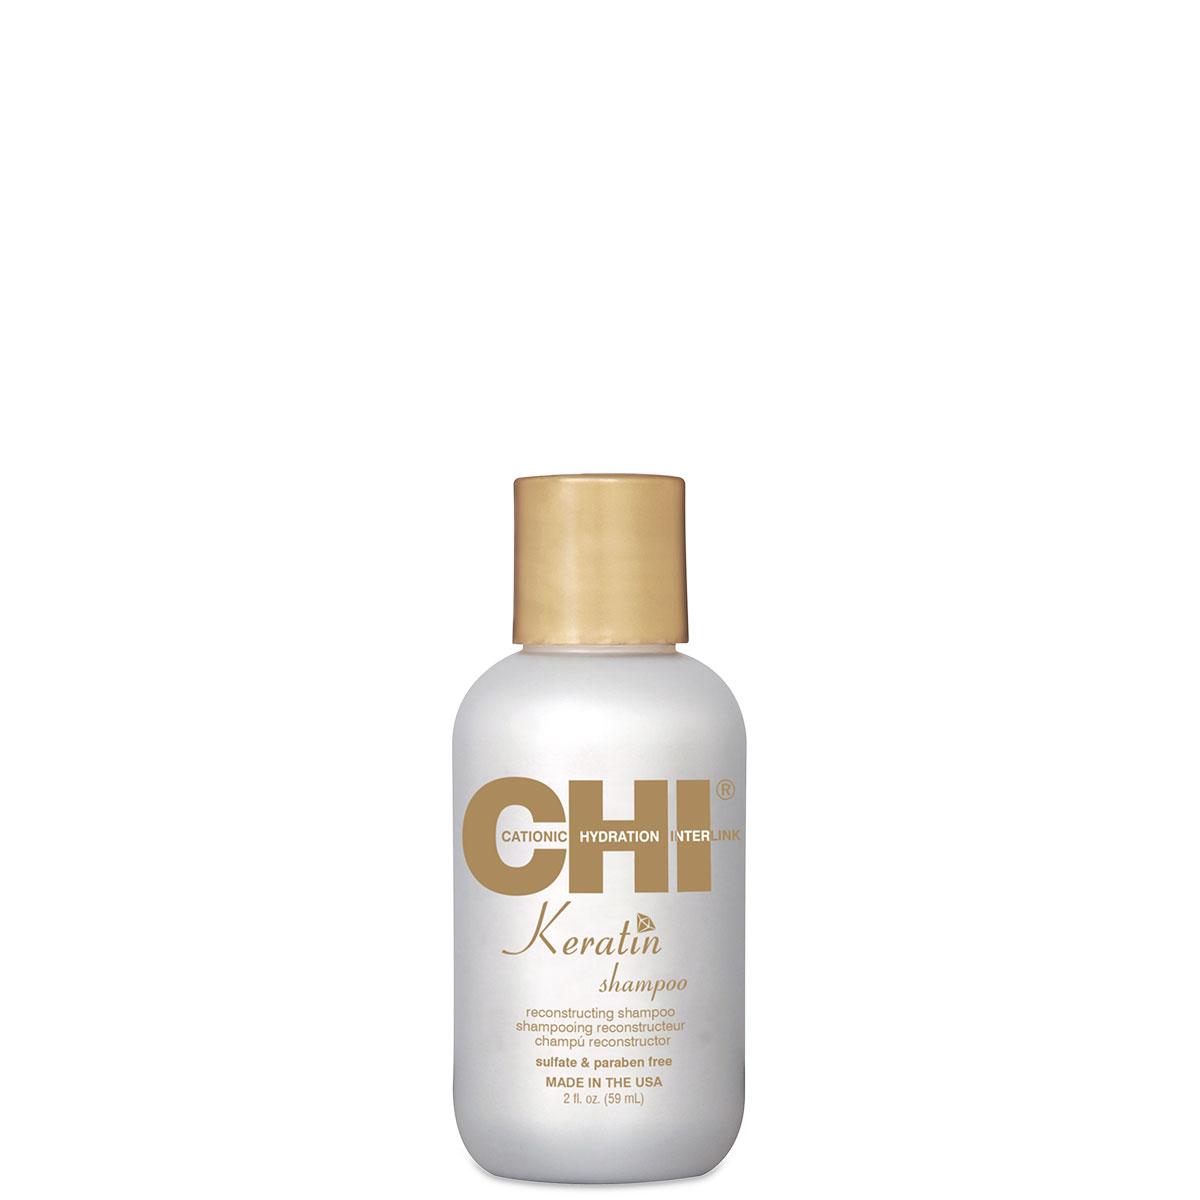 CHI Keratin Reconstructing Shampoo 2 fl. oz. - CHI Keratin - CHI Haircare